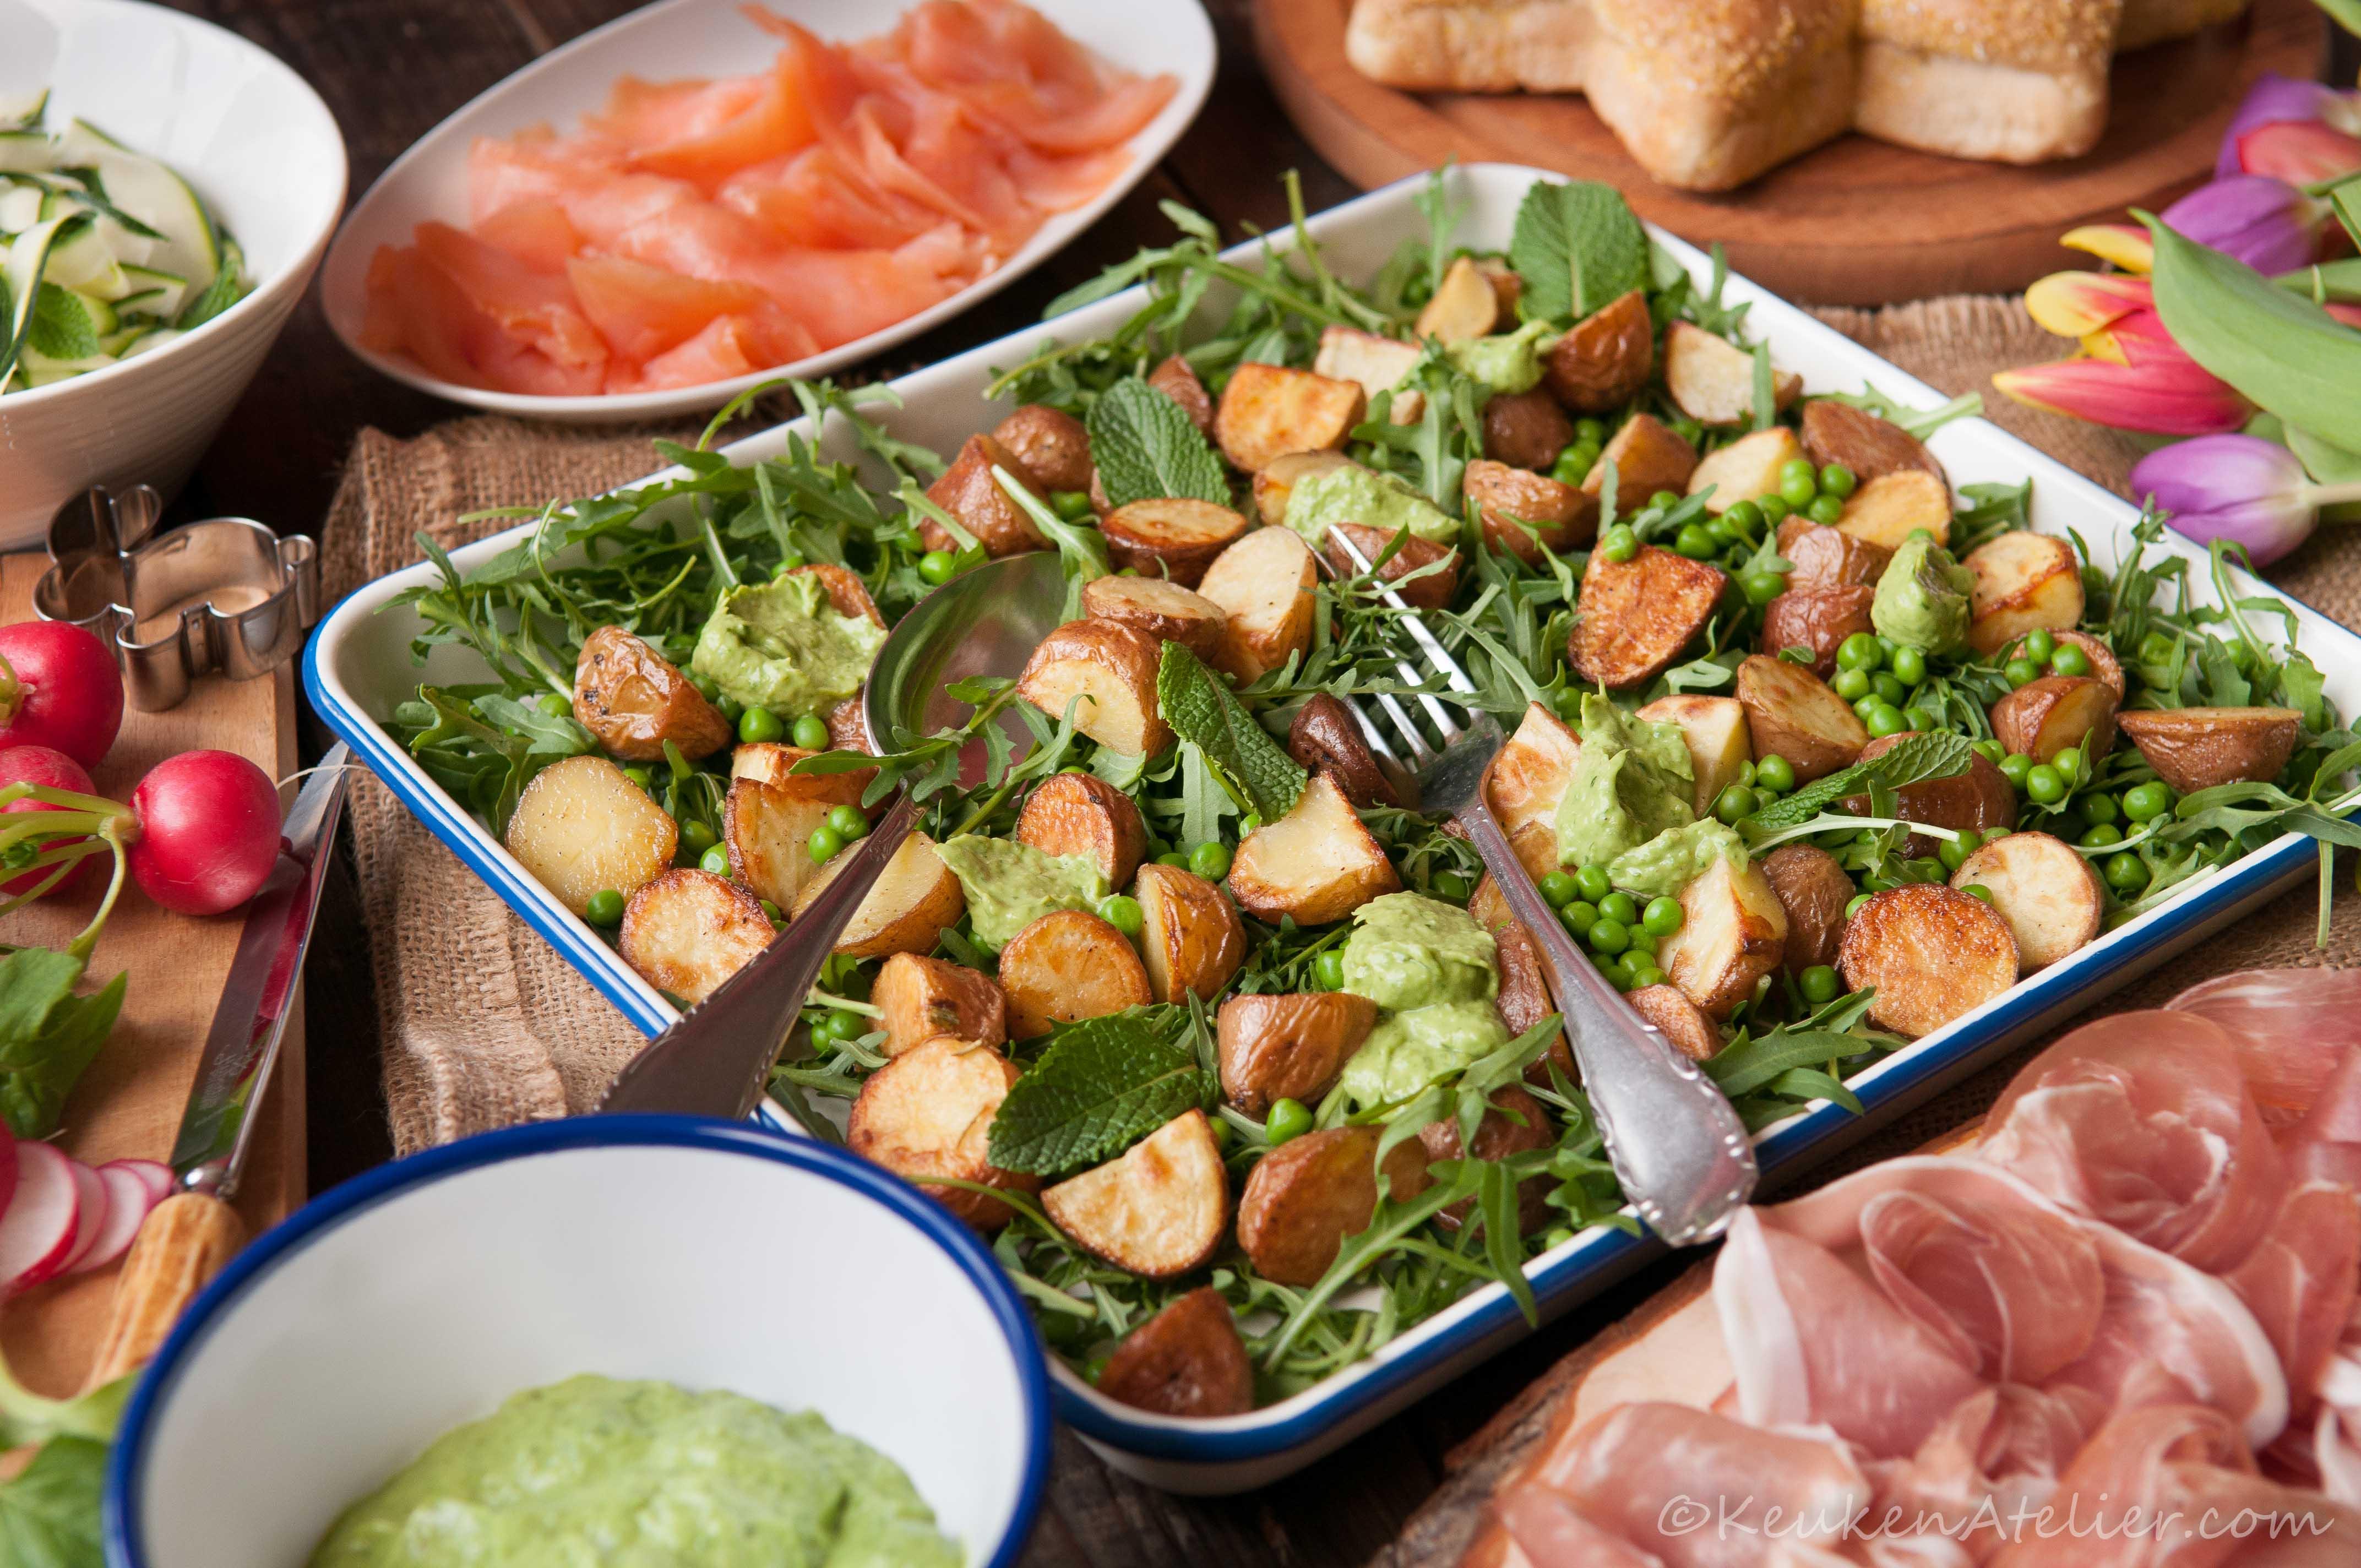 Salade met krieltjes en avocado 3 KeukenAtelier.com